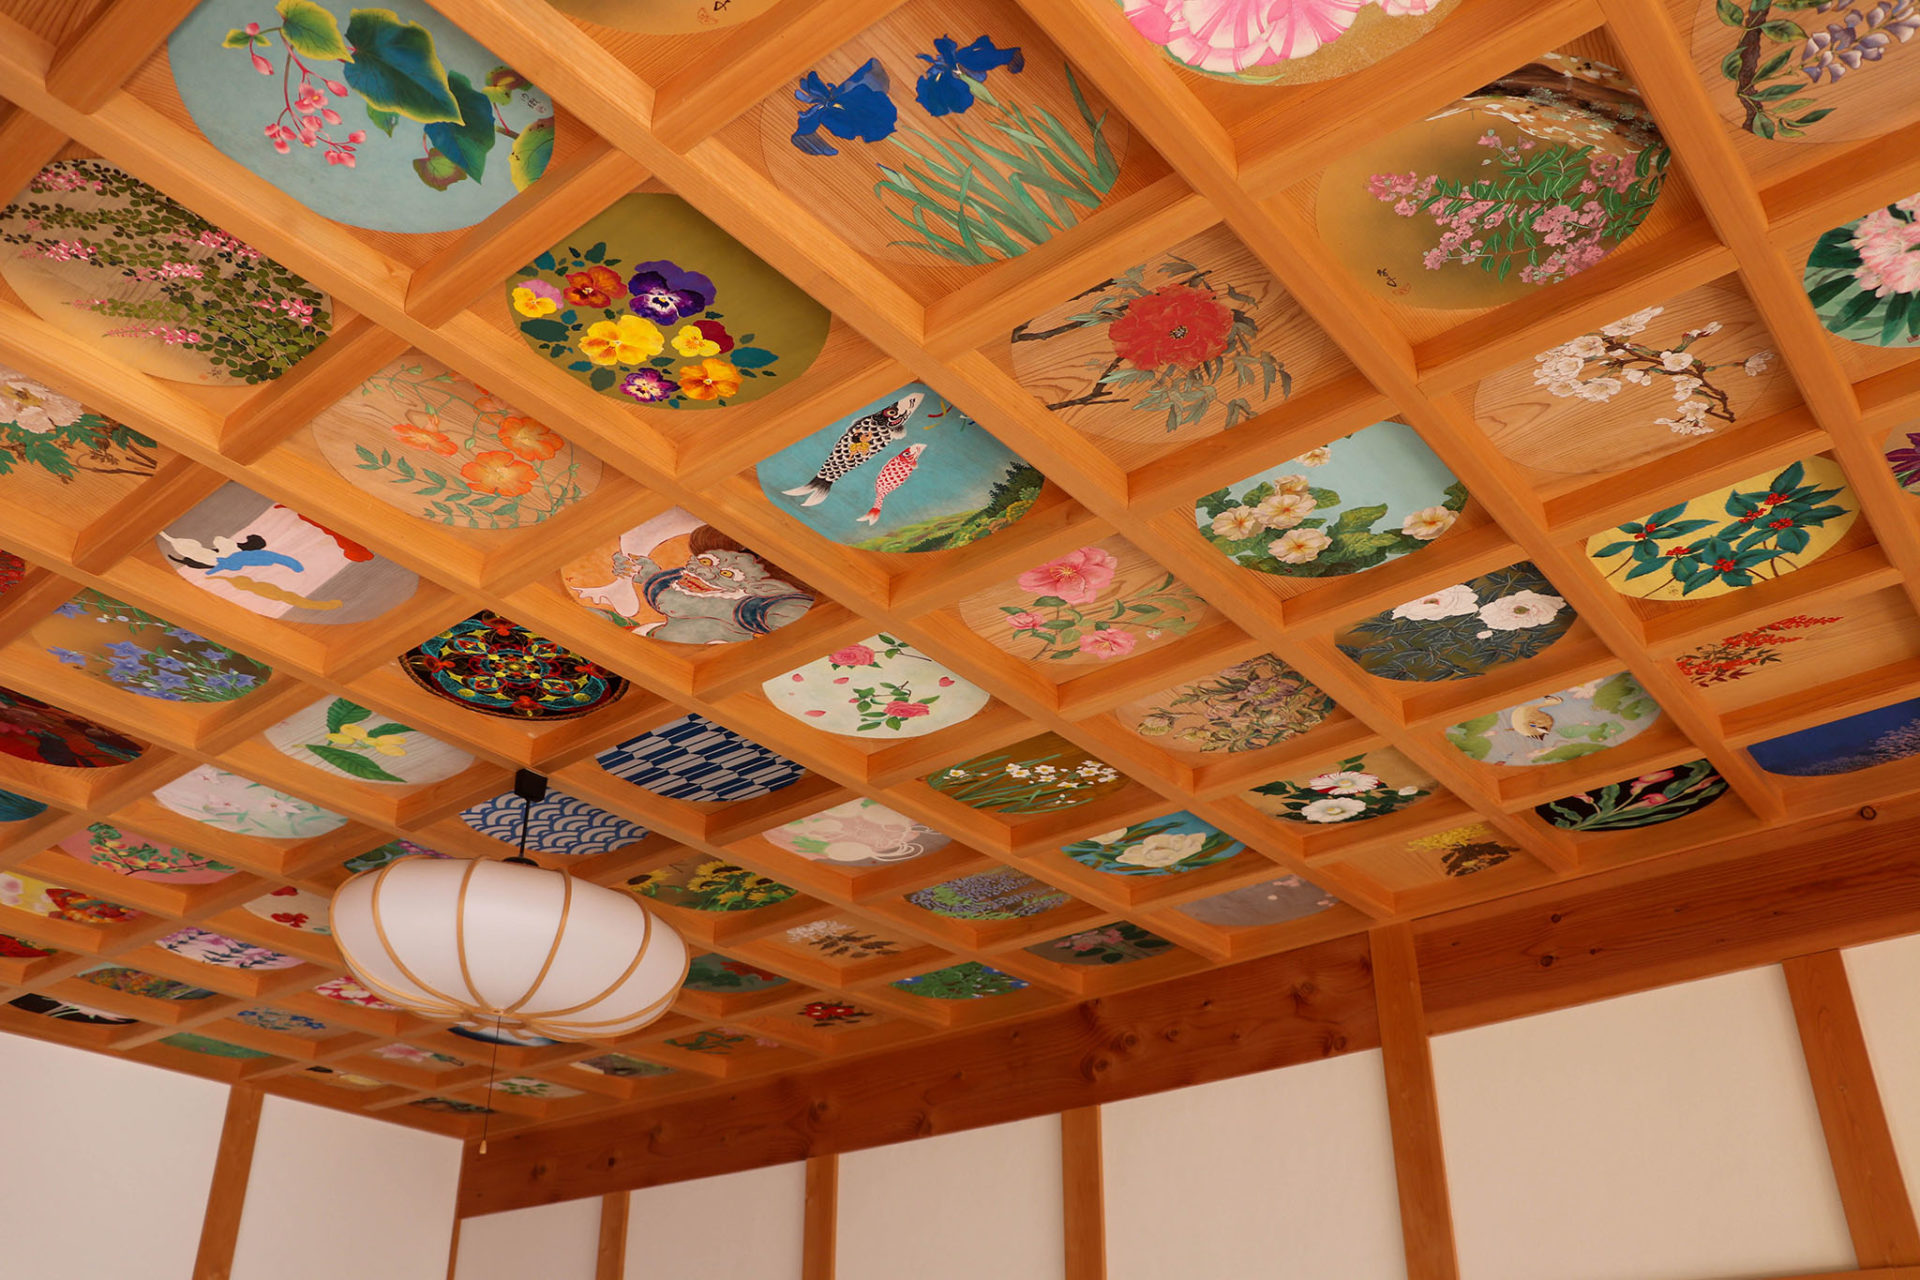 京都 宇治 正寿院の天井絵